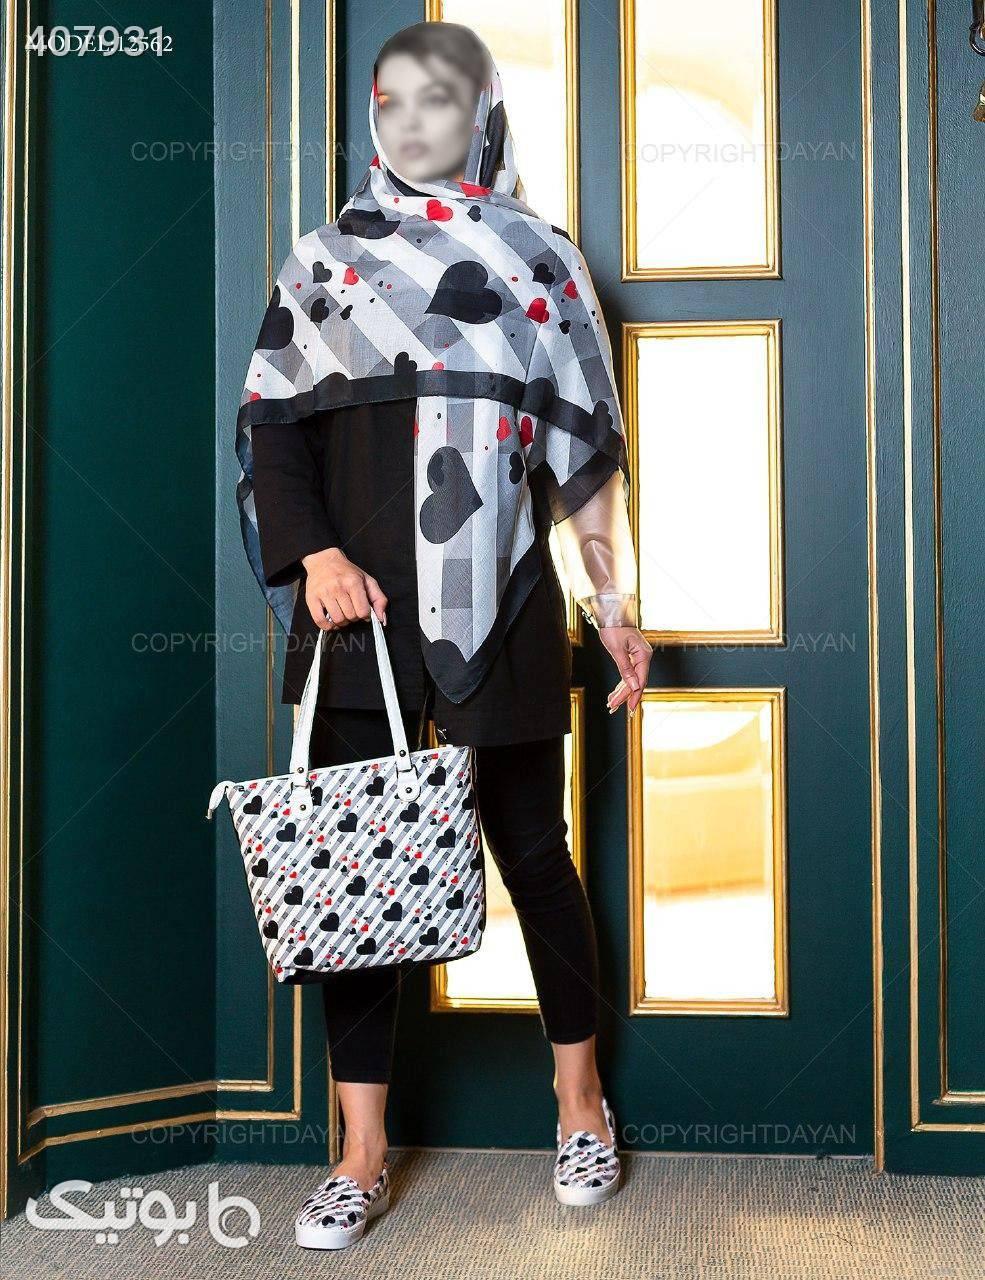 ست سه تیکه زنانه Selin مدل 12562  مشکی شال و روسری